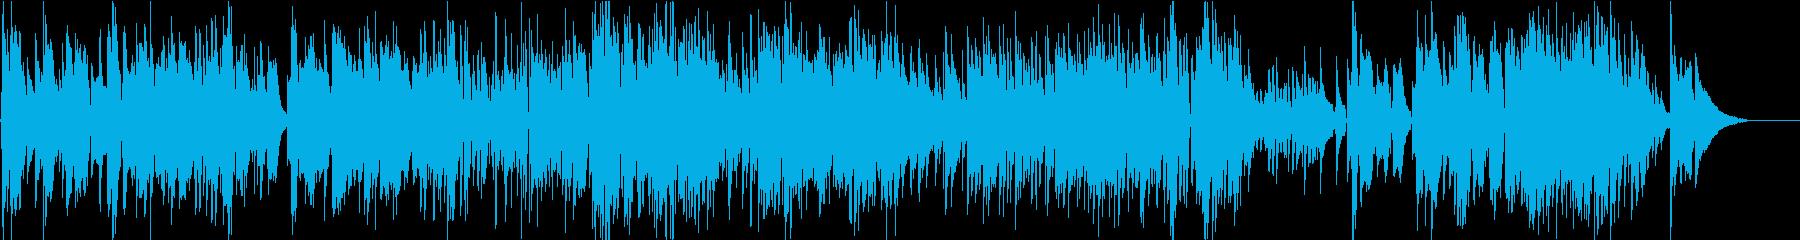 バリトンサックスとアコギのワルツの再生済みの波形